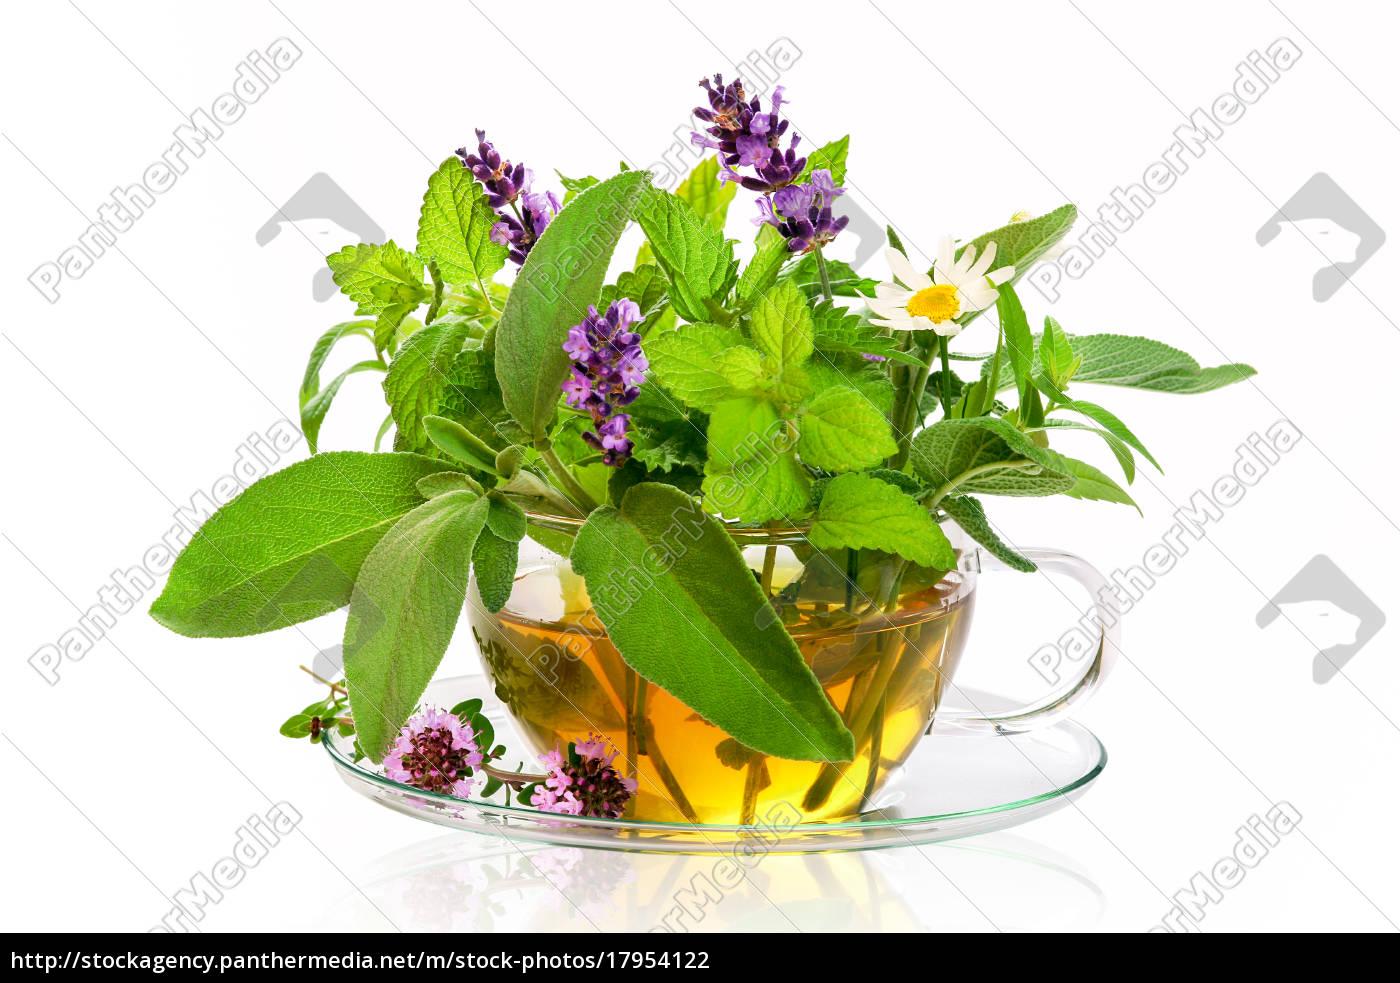 Ganz und zu Extrem Frische Kräuter für Tee - Stock Photo - #17954122 - Bildagentur &CO_11